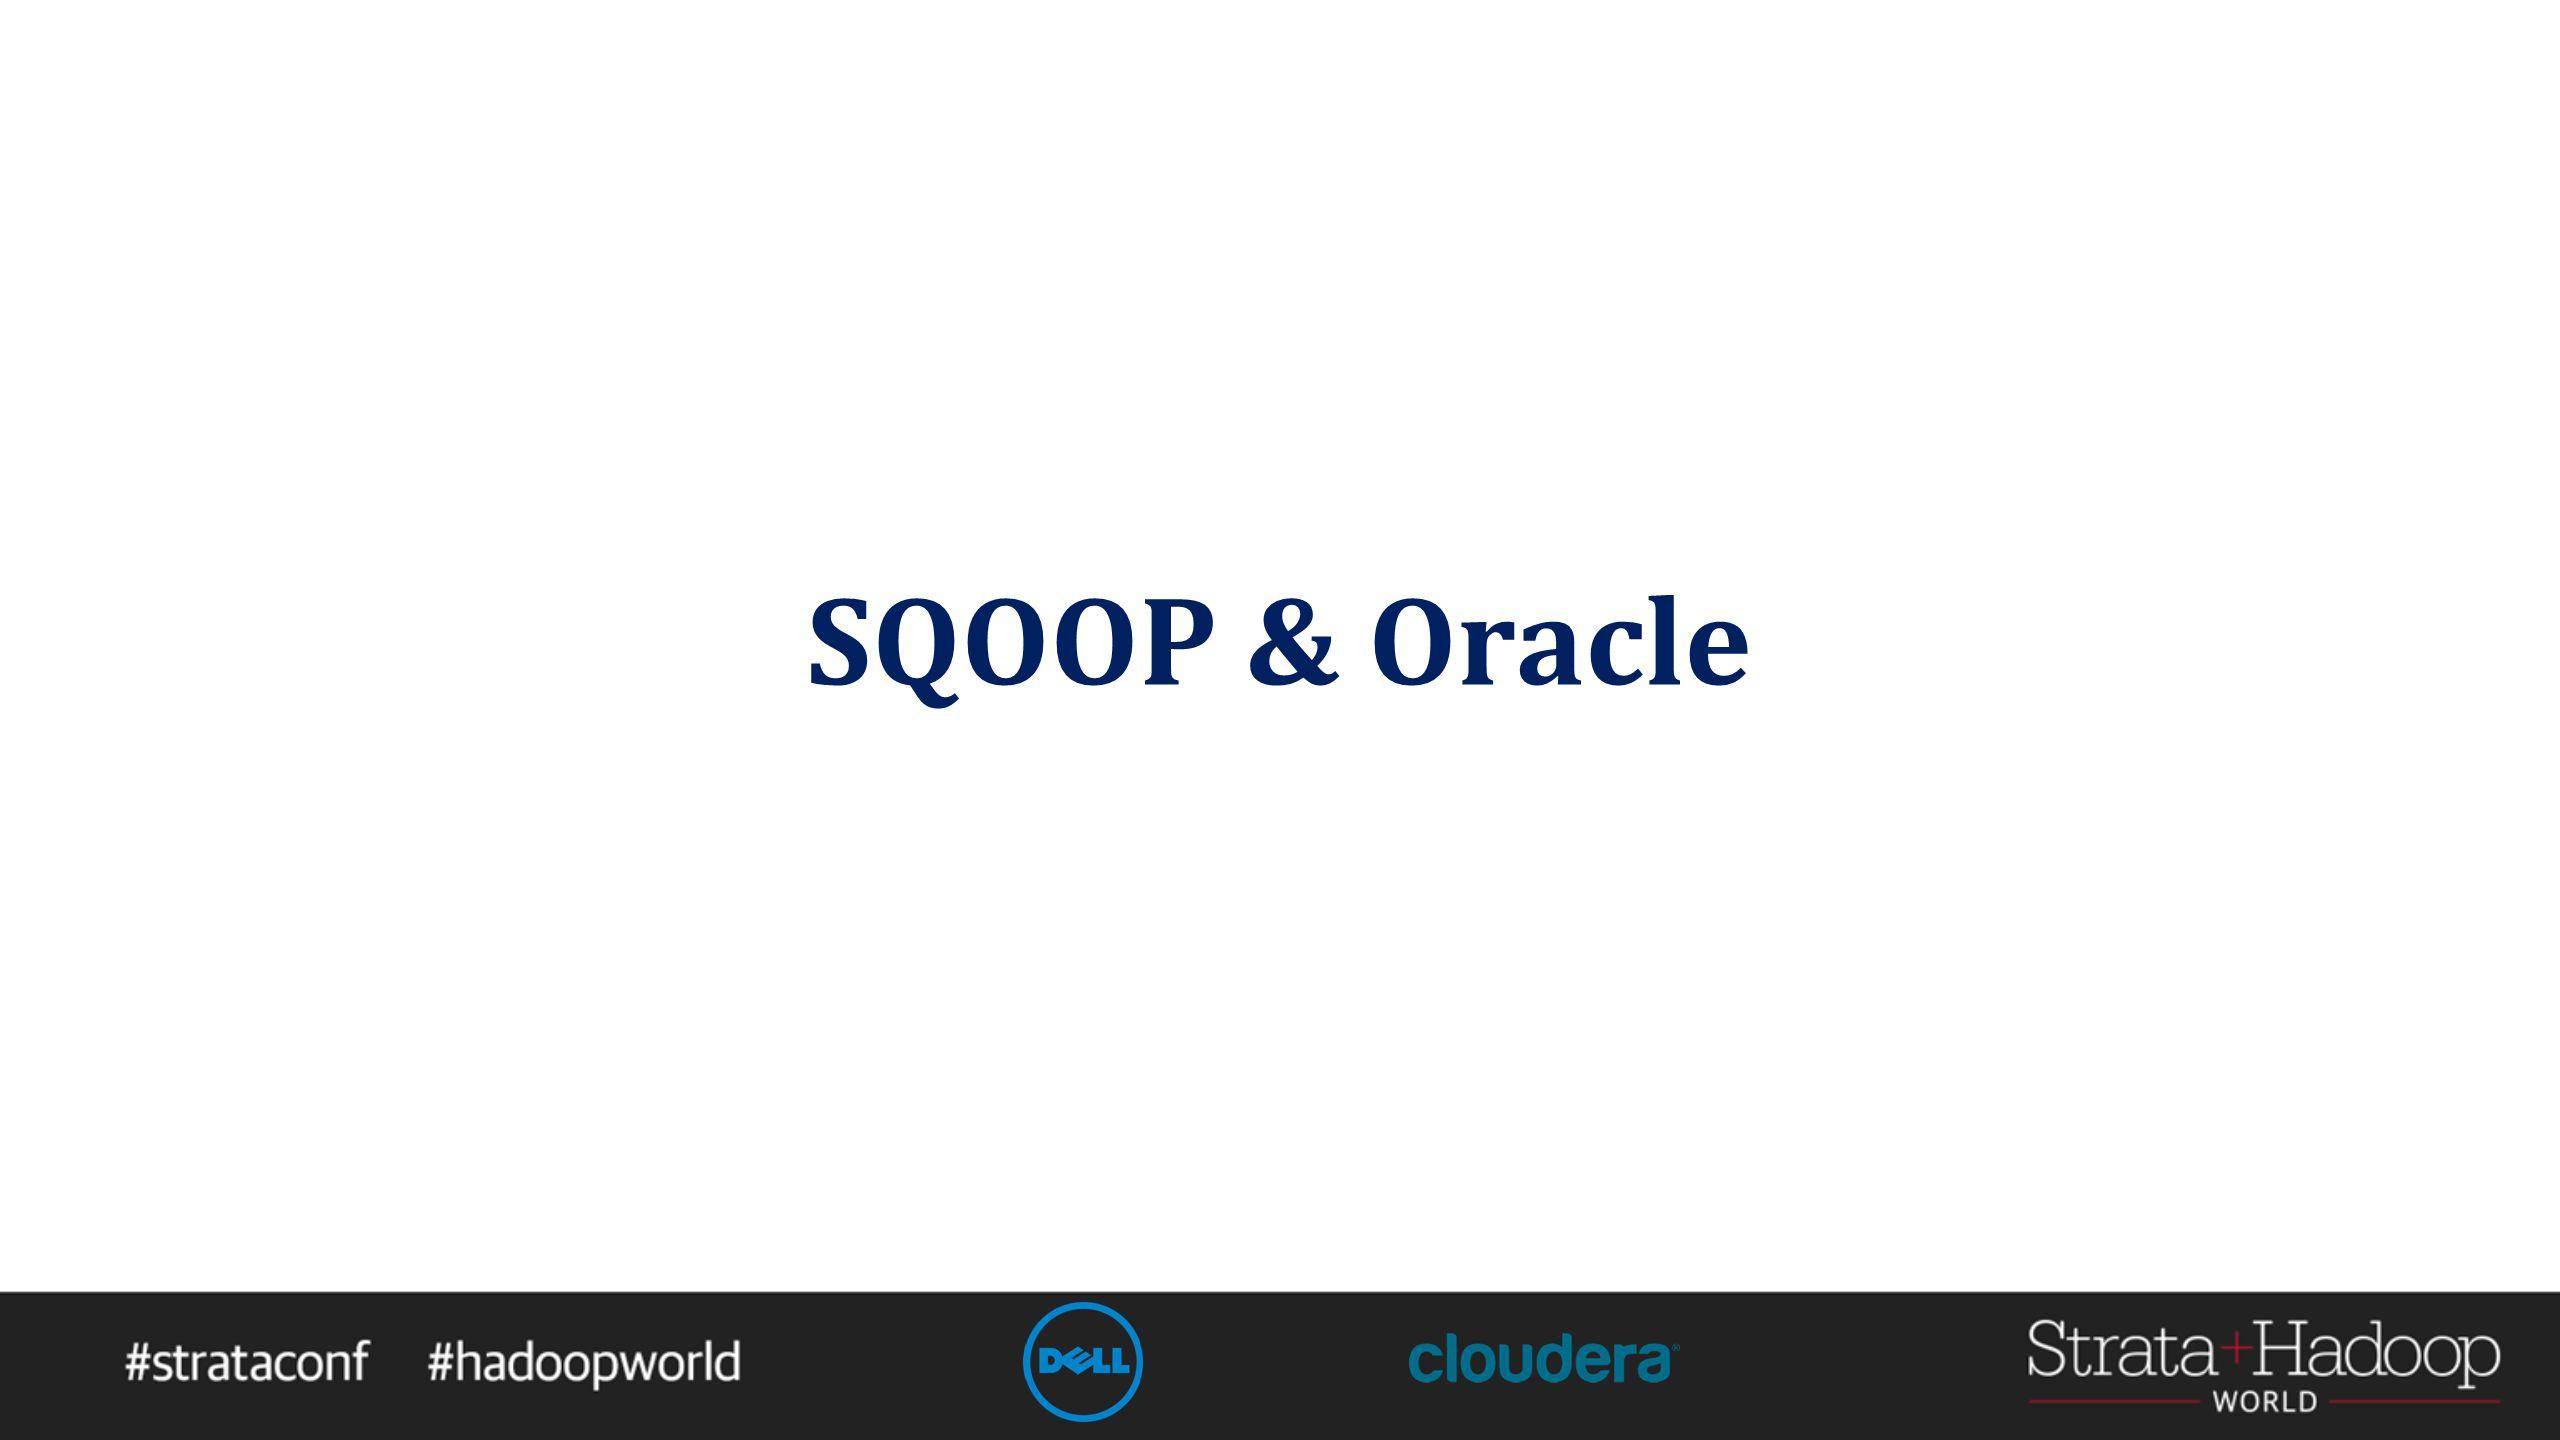 SQOOP & Oracle